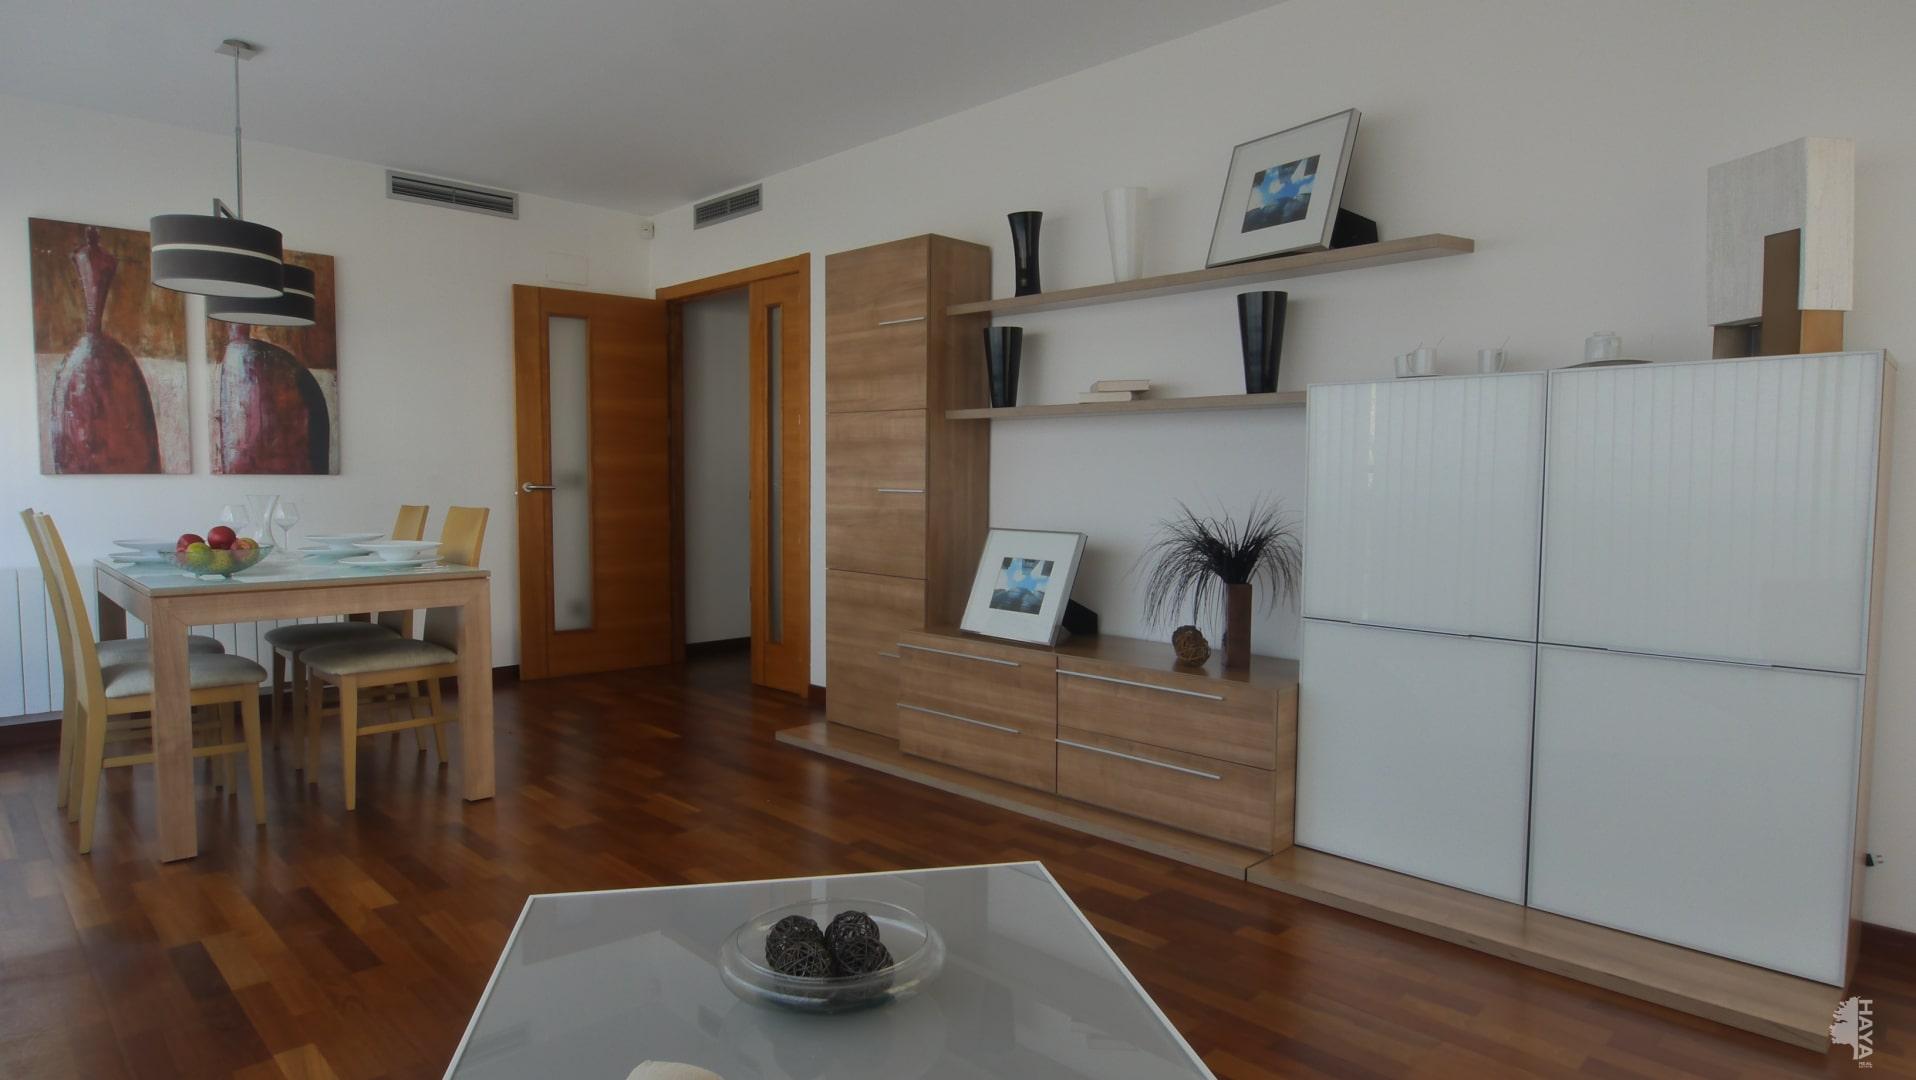 Piso en venta en Castellón de la Plana/castelló de la Plana, Castellón, Avenida Villarreal, 110.000 €, 1 habitación, 1 baño, 56 m2